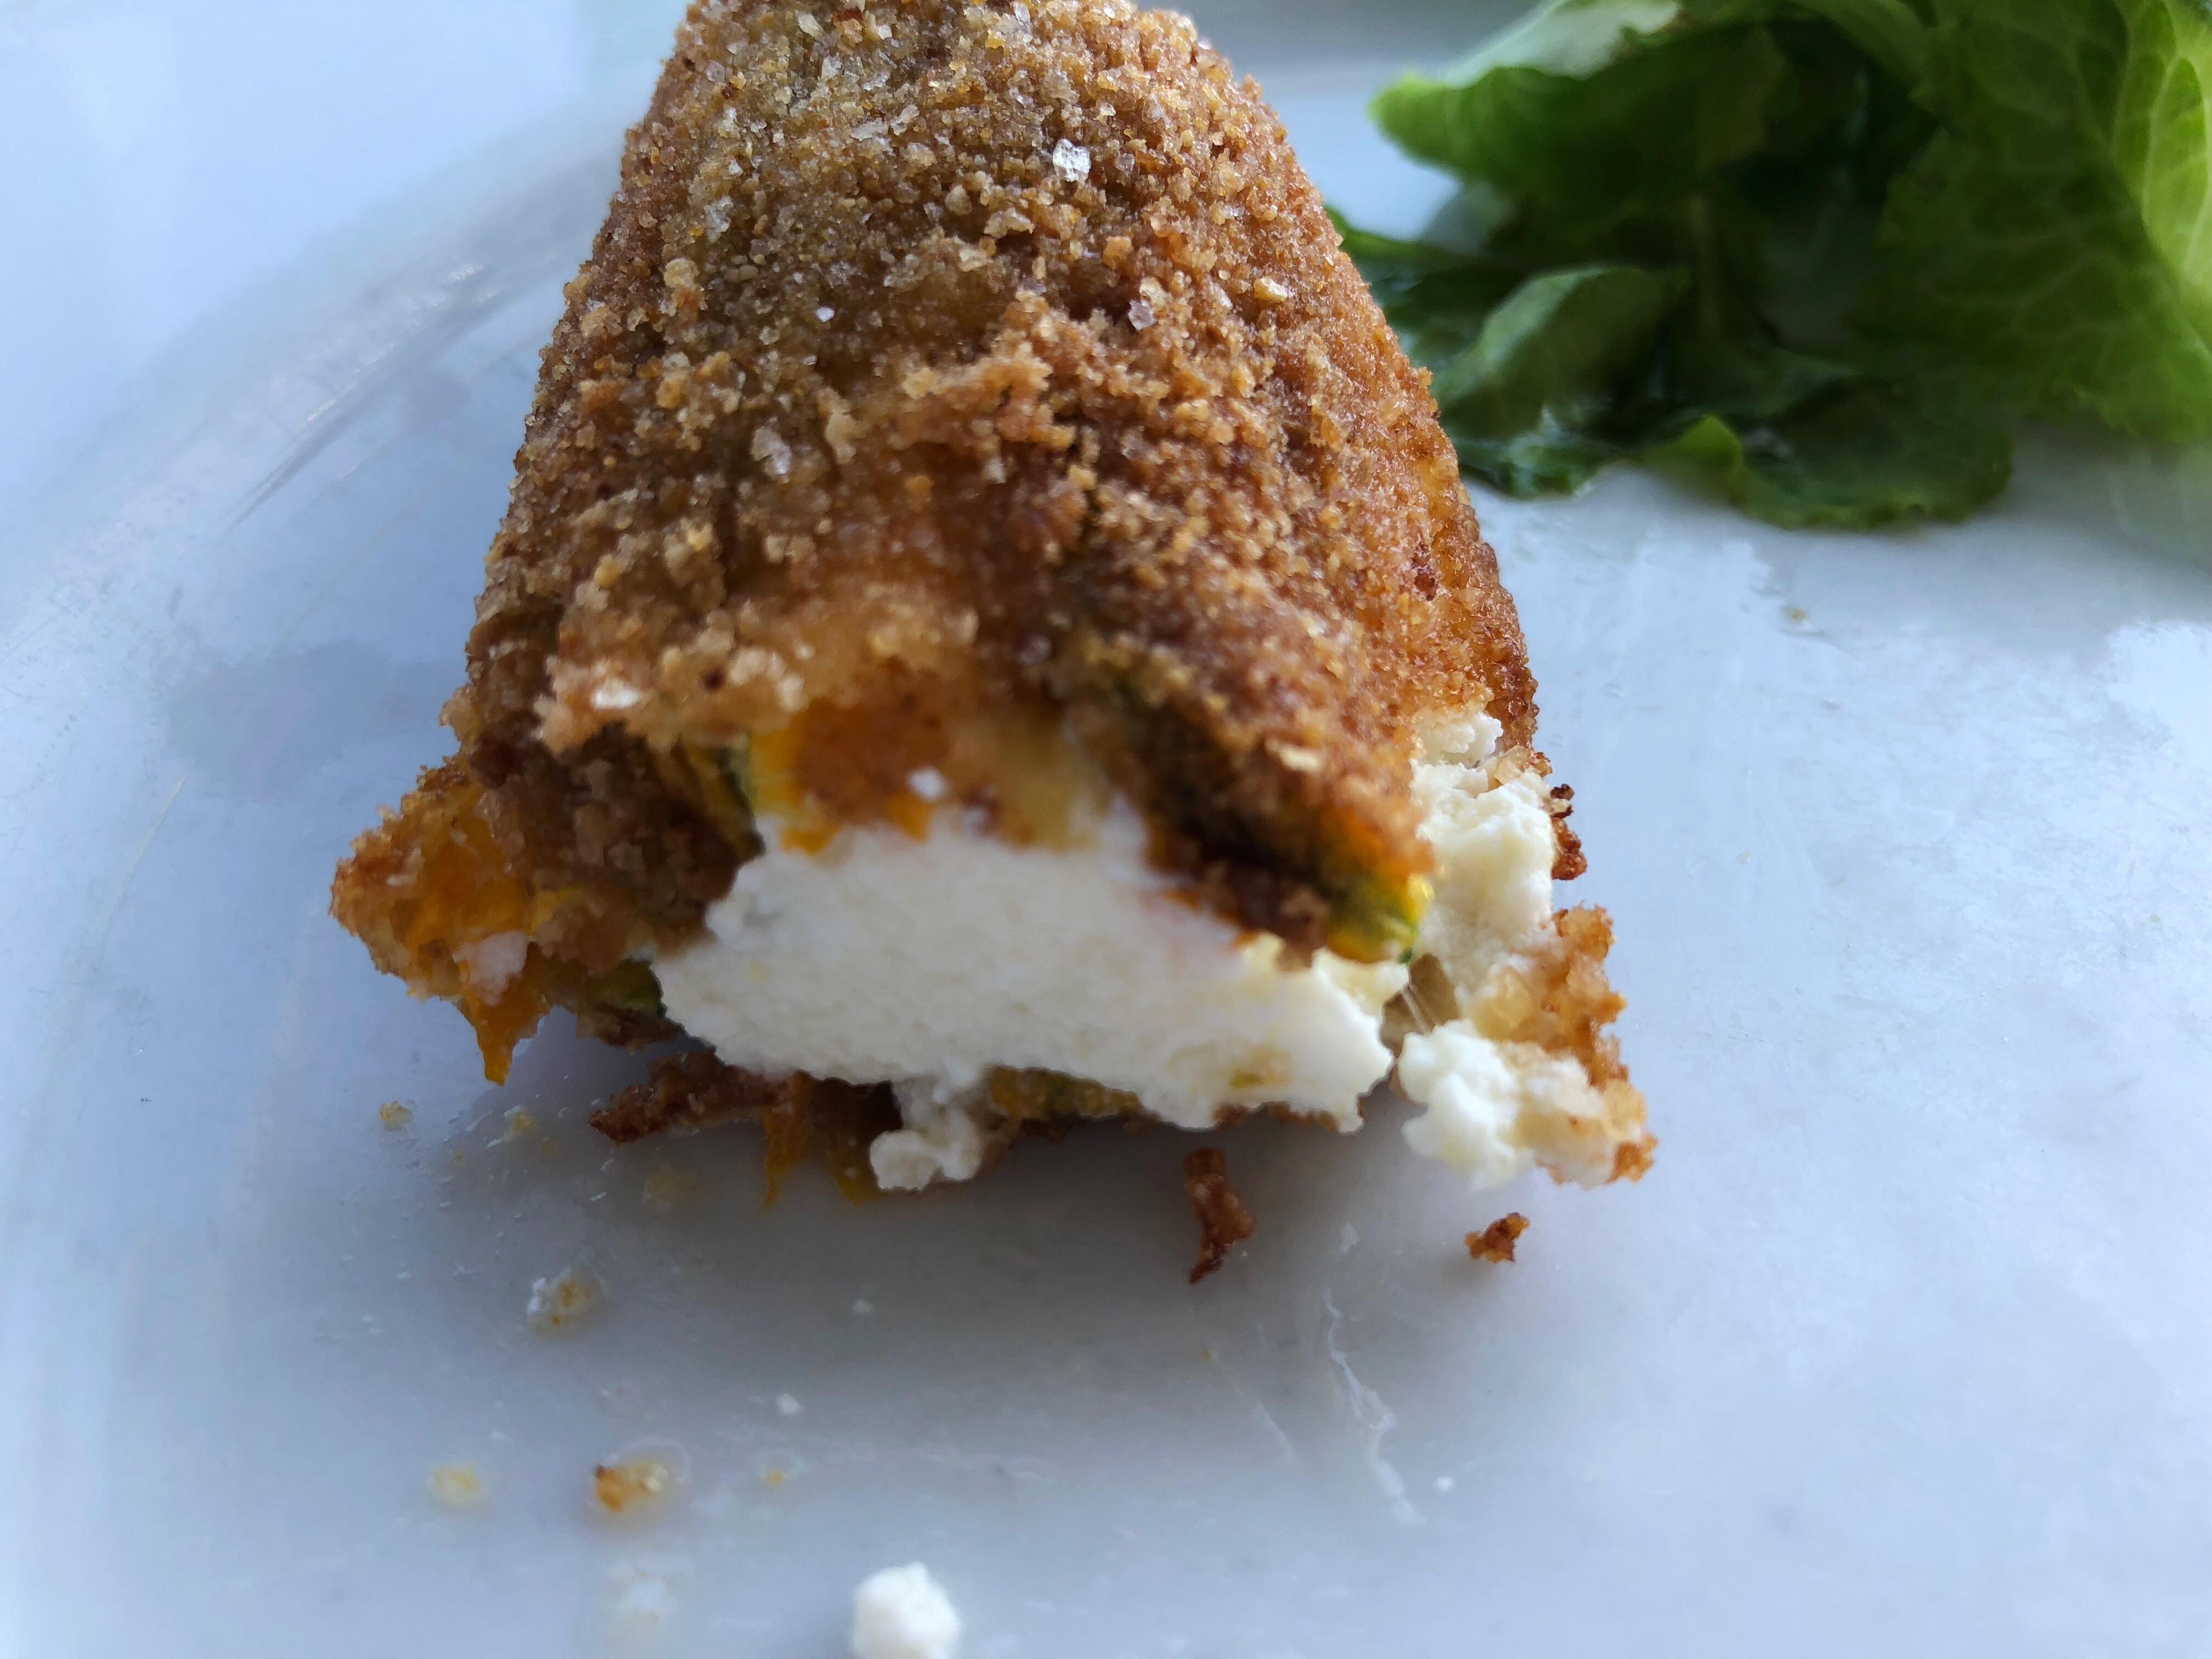 Ristorante Rosiello a Napoli senza glutine